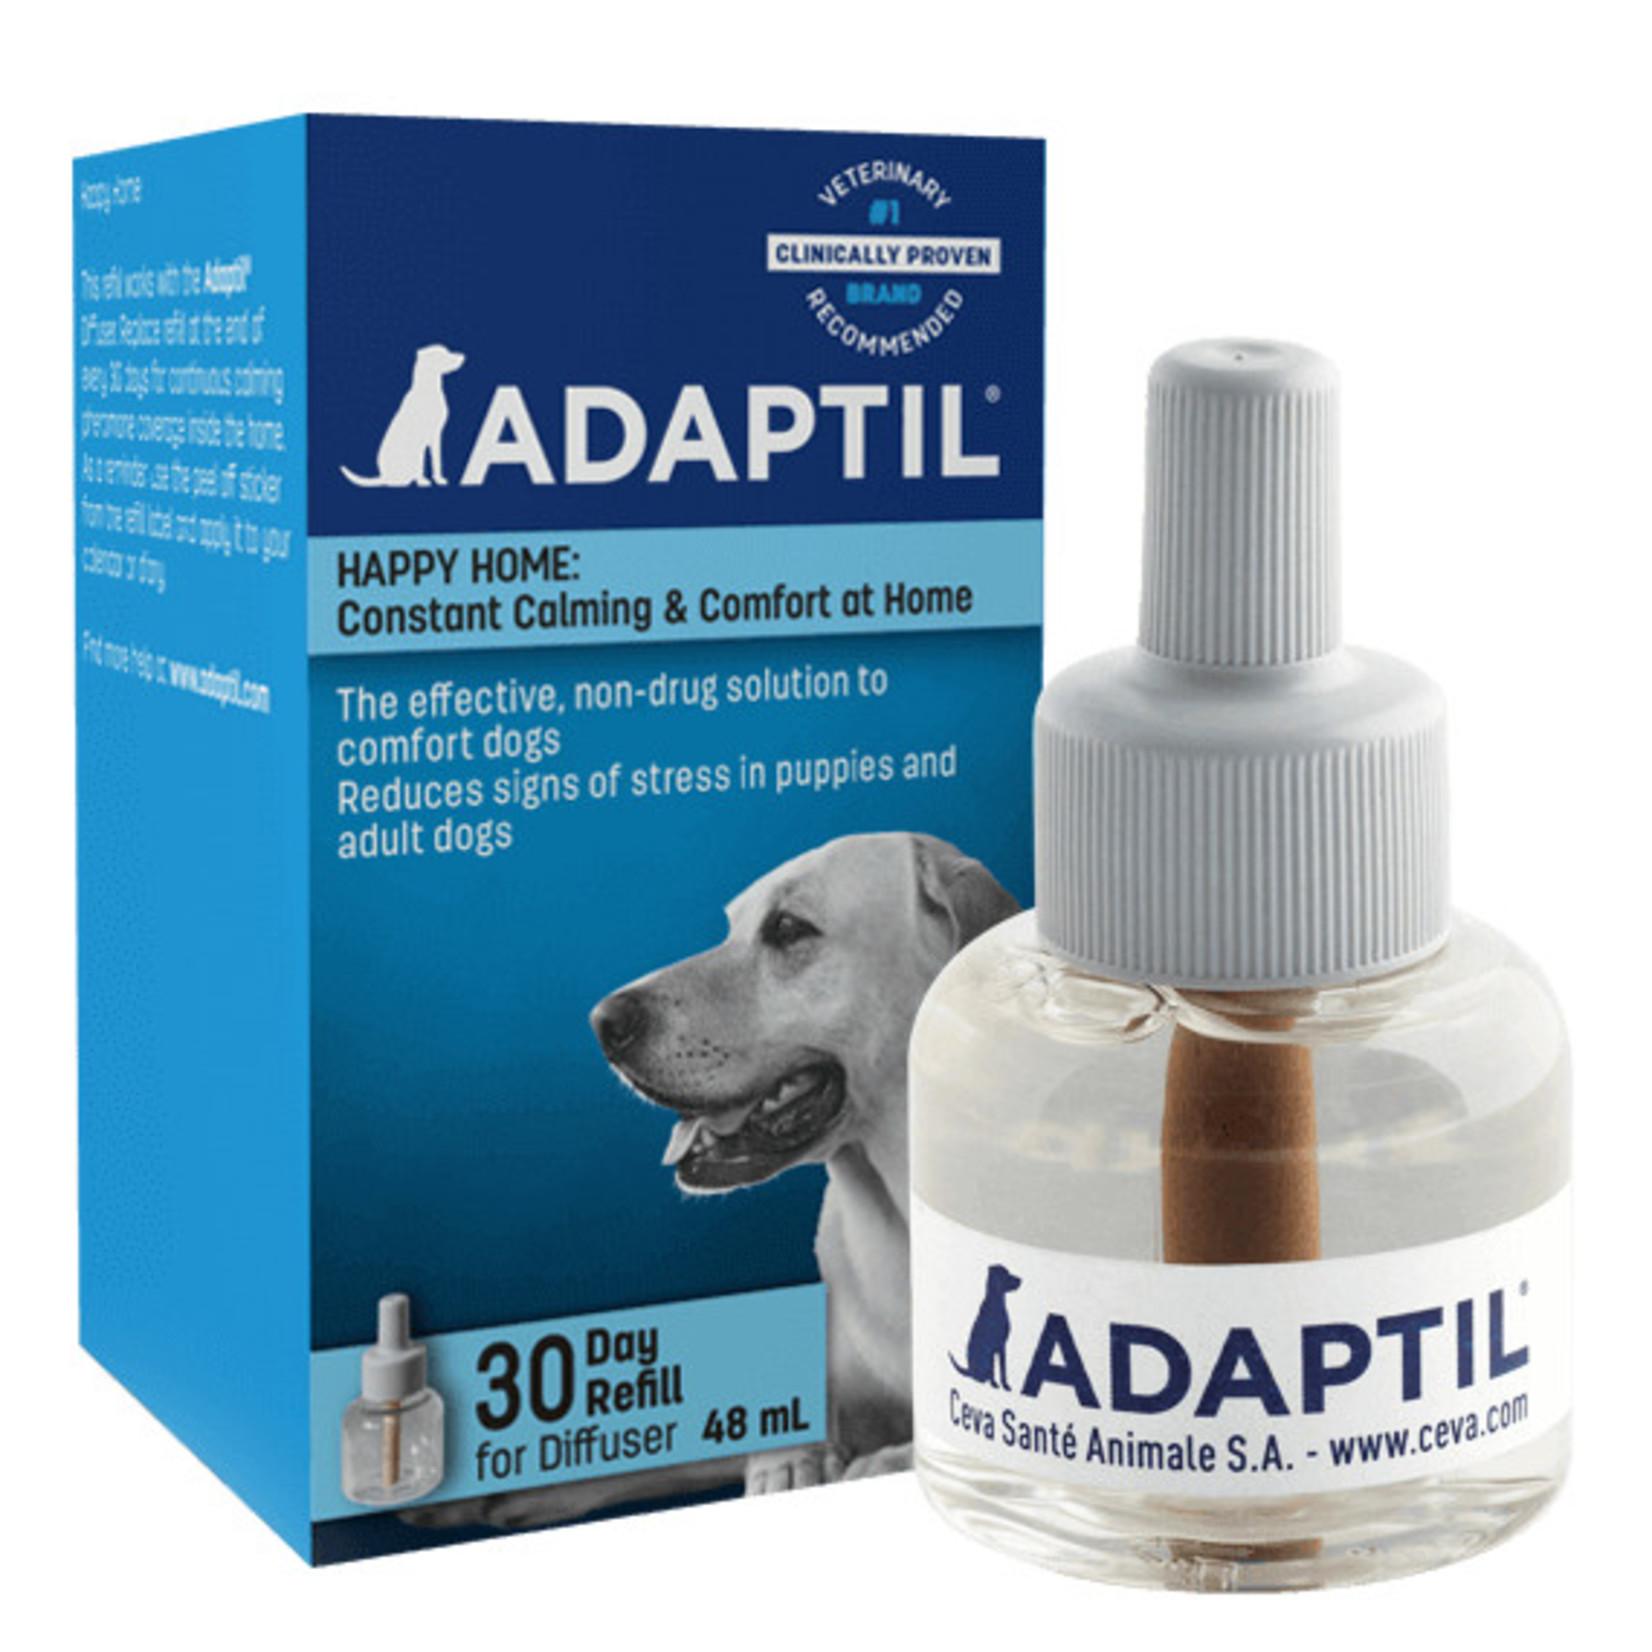 Adaptil Calm Happy Home Diffuser Refill, 48ml